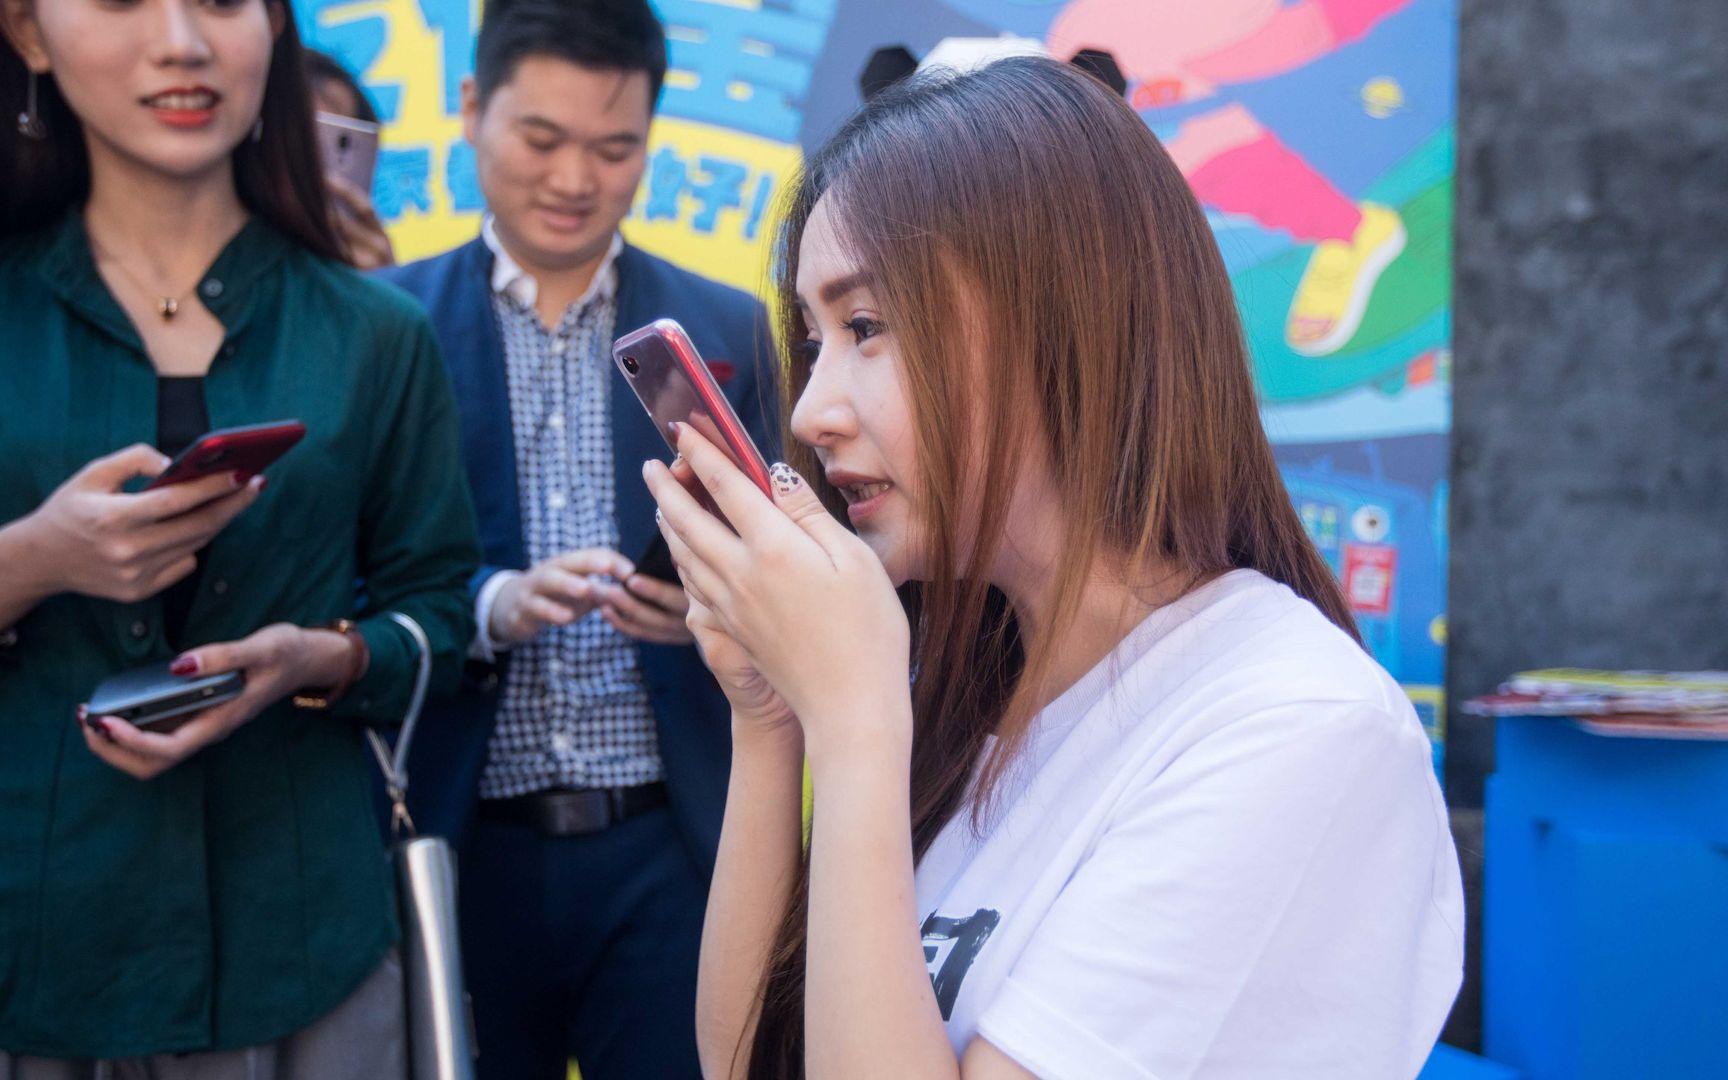 中国5亿人听过她的声音!支付宝到账的声优,原来是这位小姐姐